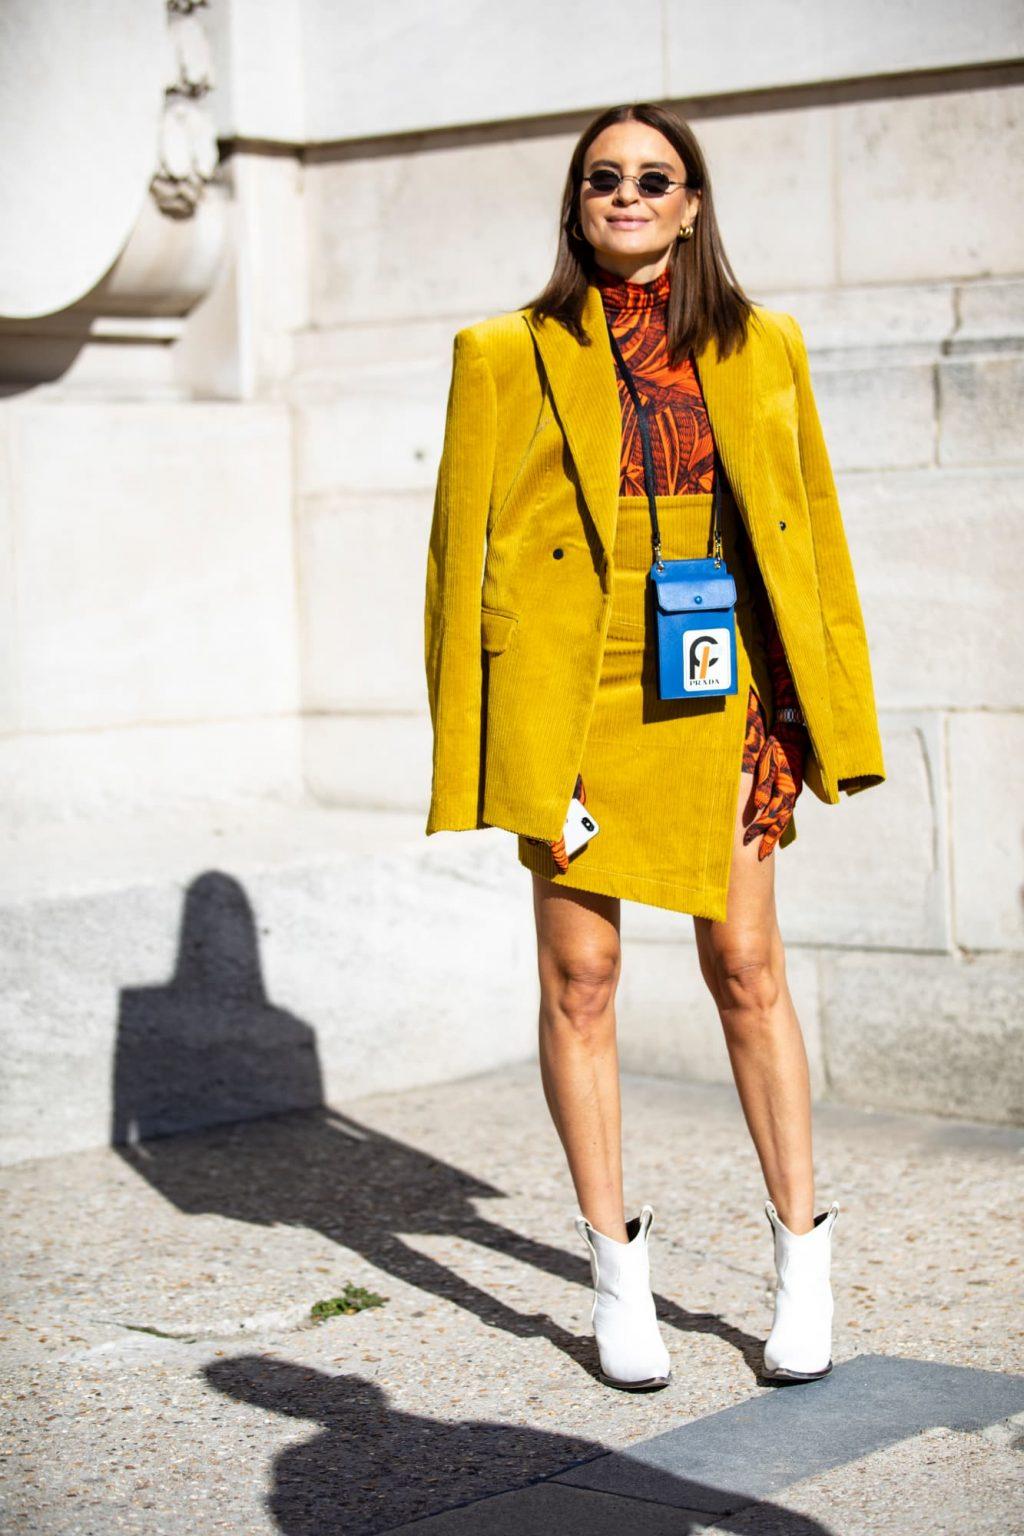 Ý nghĩa trang phục màu vàng 1